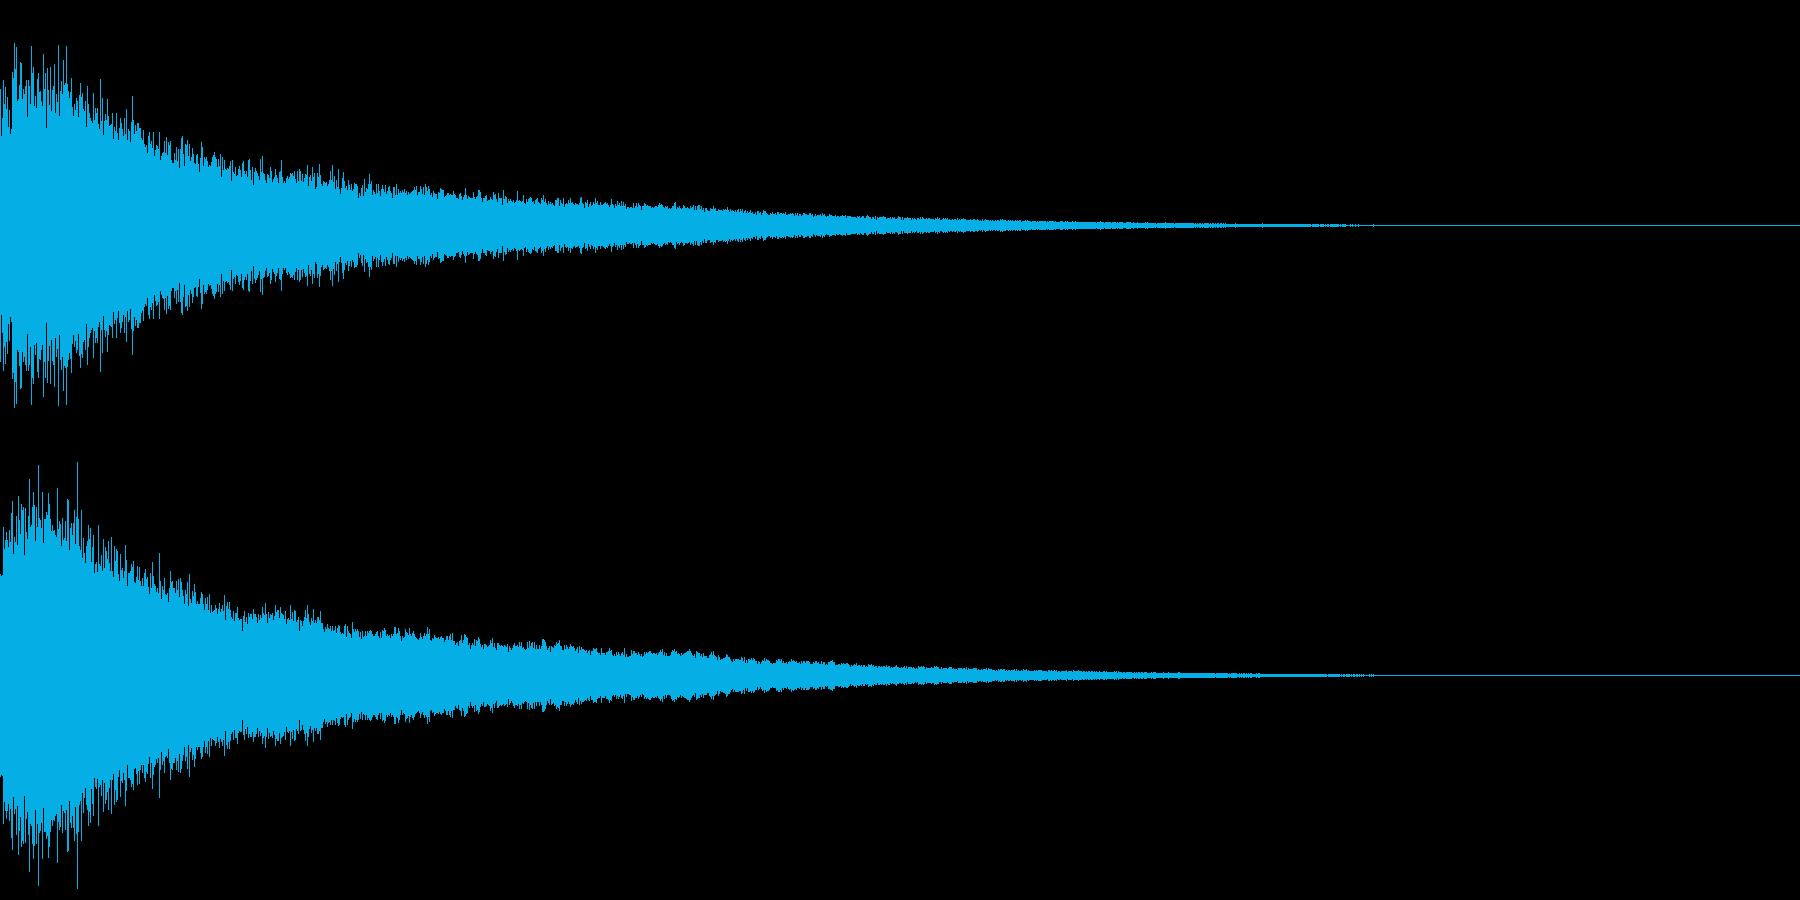 【チャイナシンバル ゴング】中国演出!2の再生済みの波形